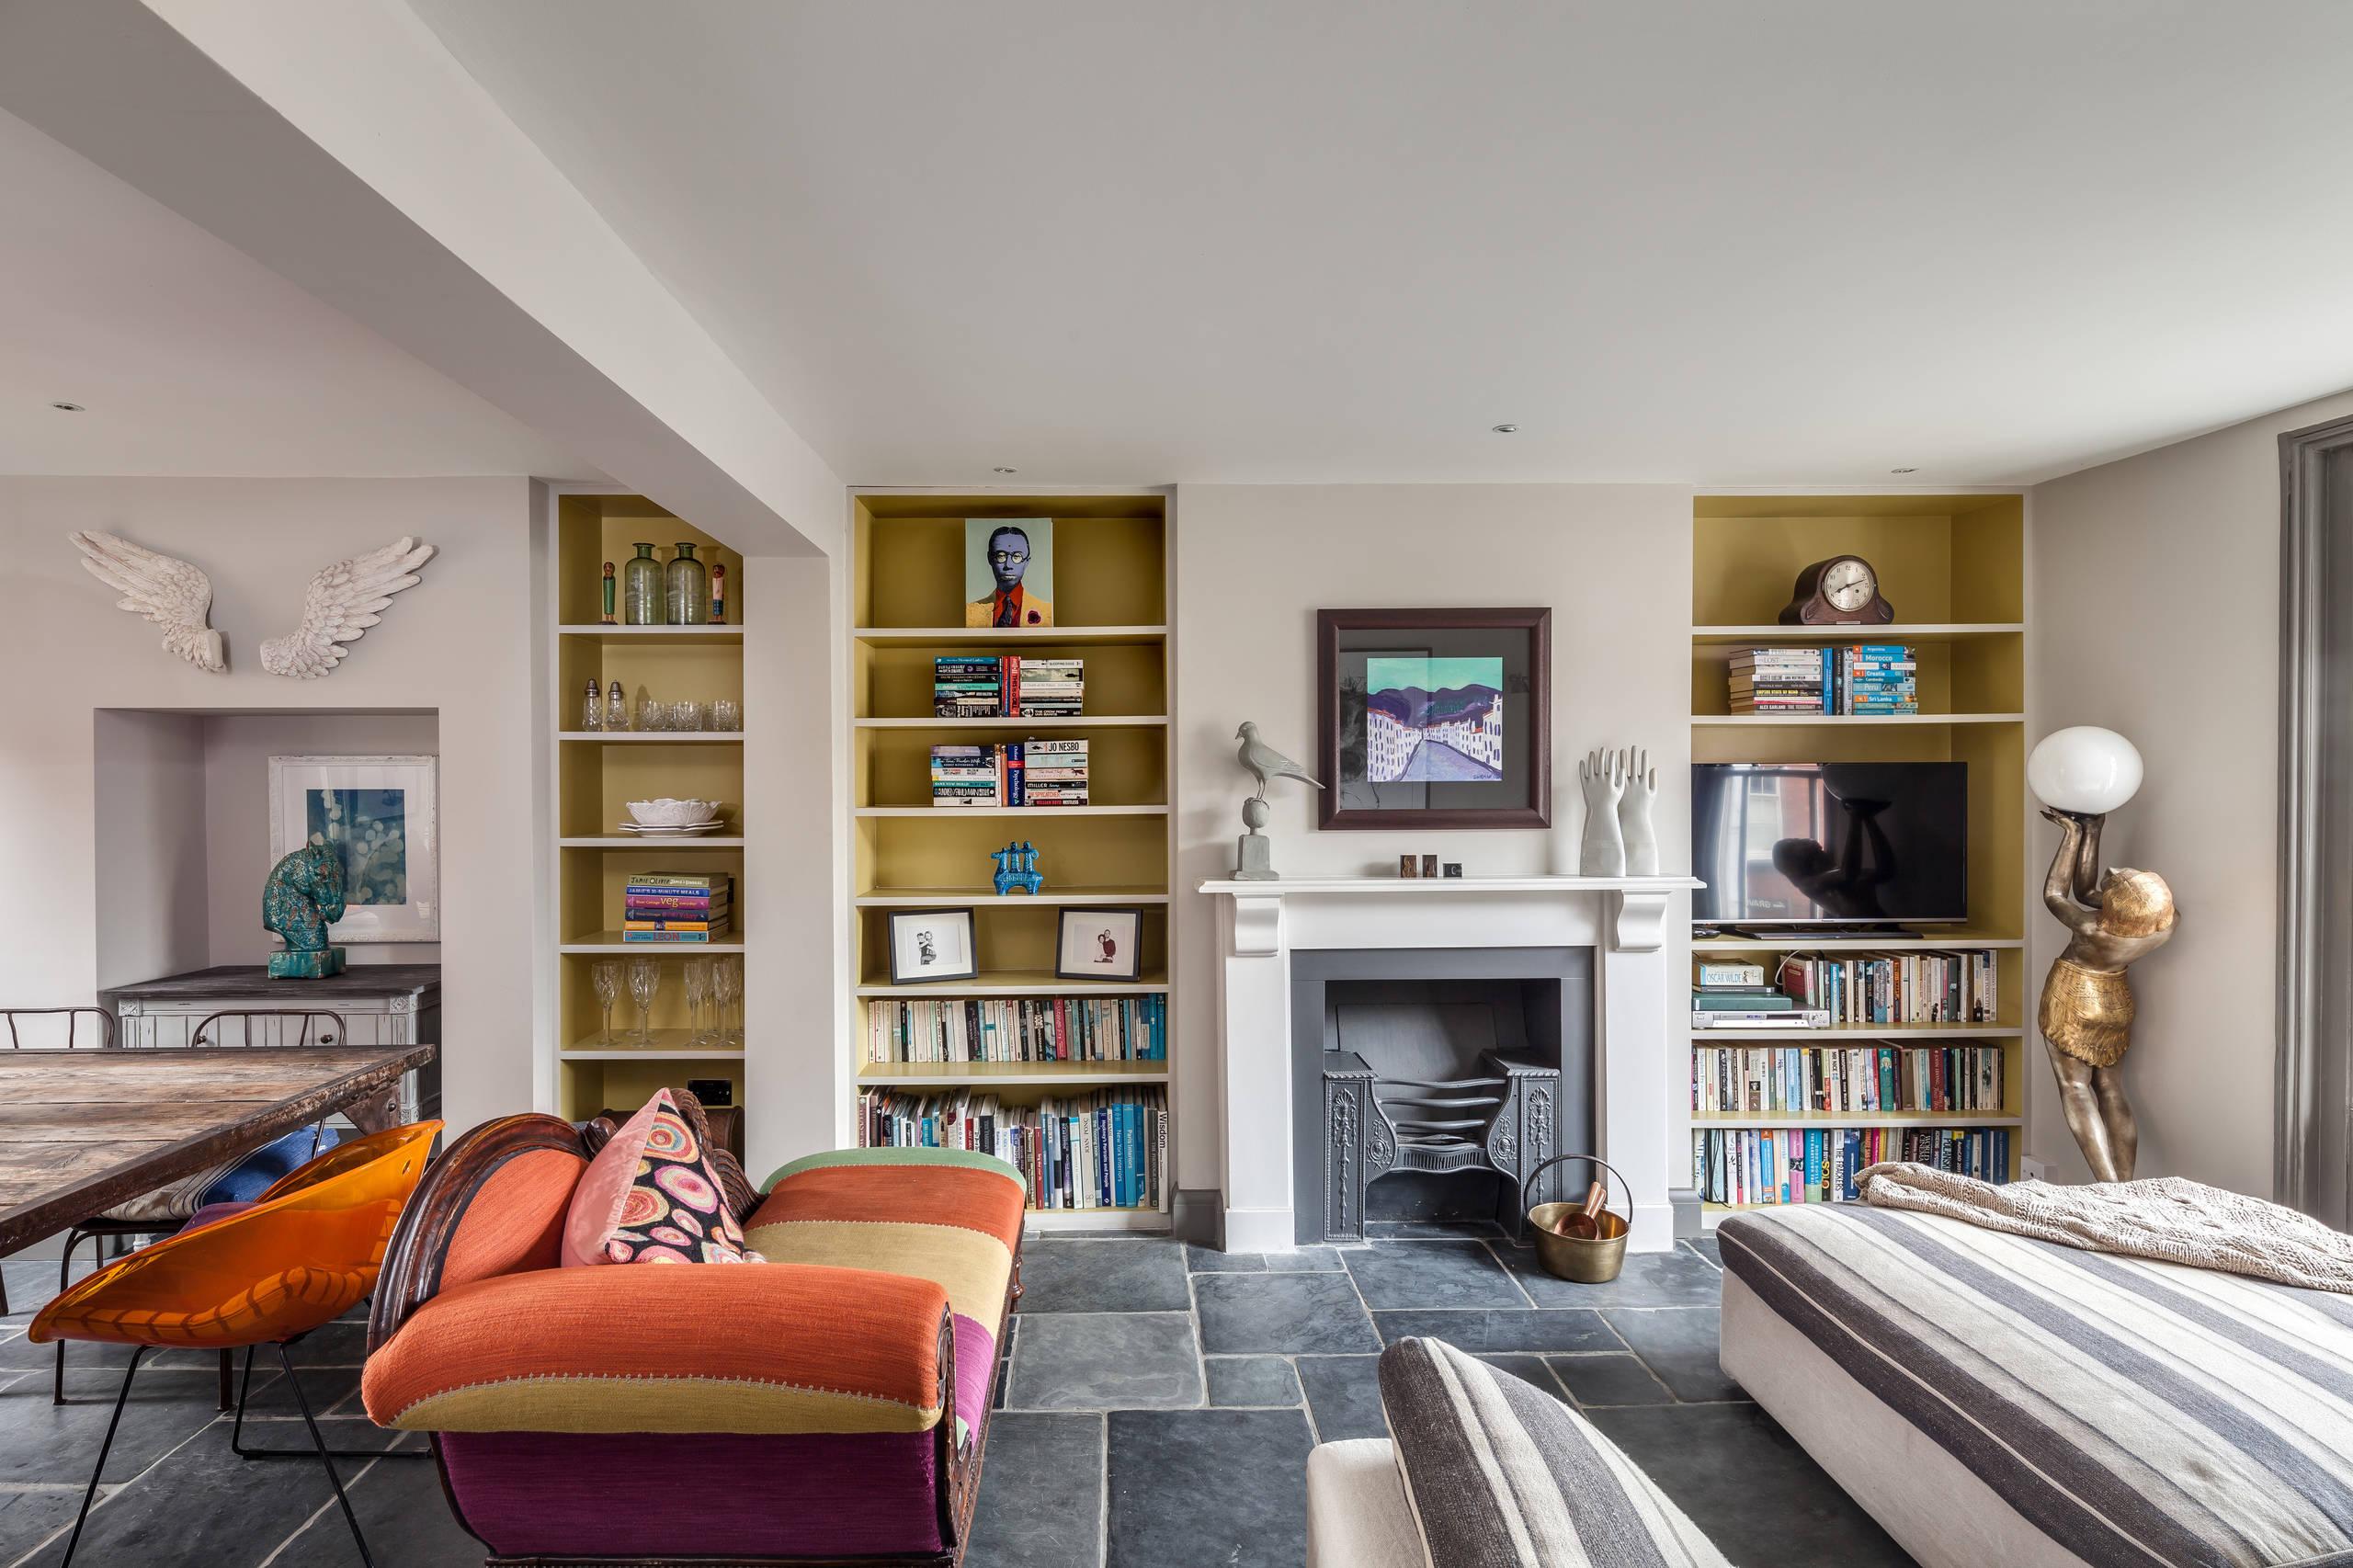 Нужно уделить большое внимание выбору дивана для вашей комнаты, ведь существует множество моделей и цветов, а мебель в комнате должна сочетаться с интерьером помещения